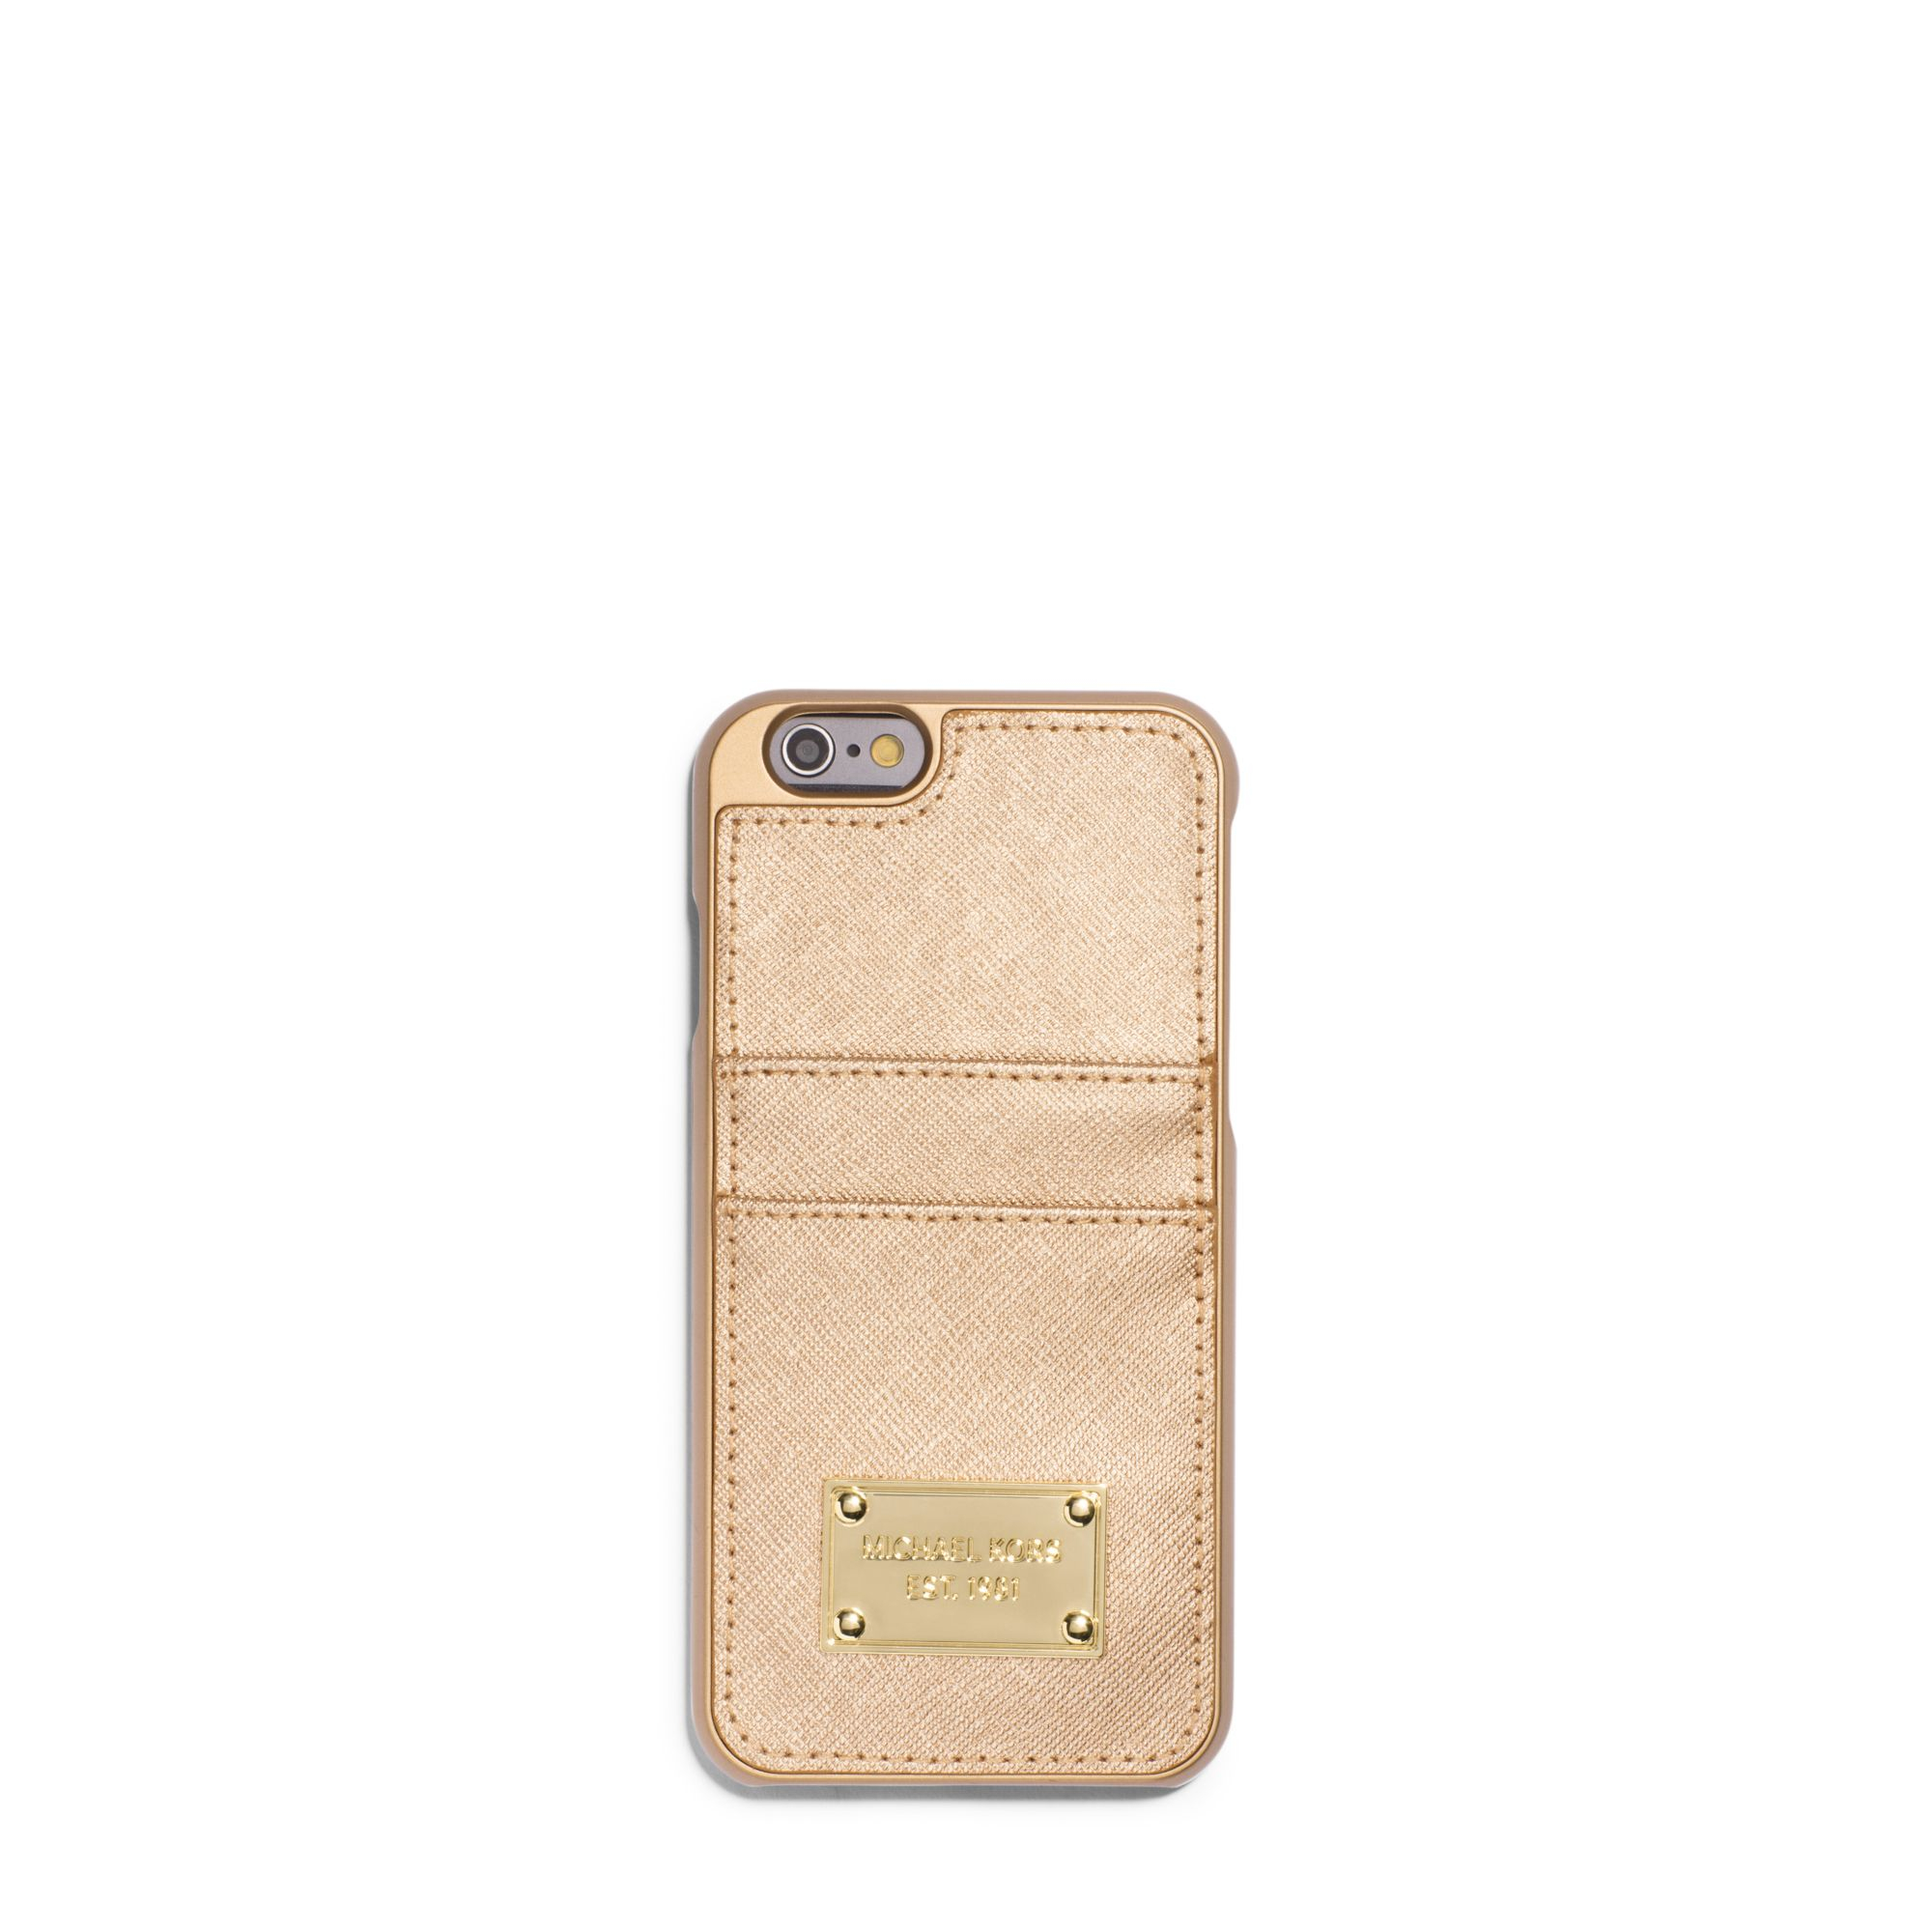 Michael Kors Iphone  Wallet Case